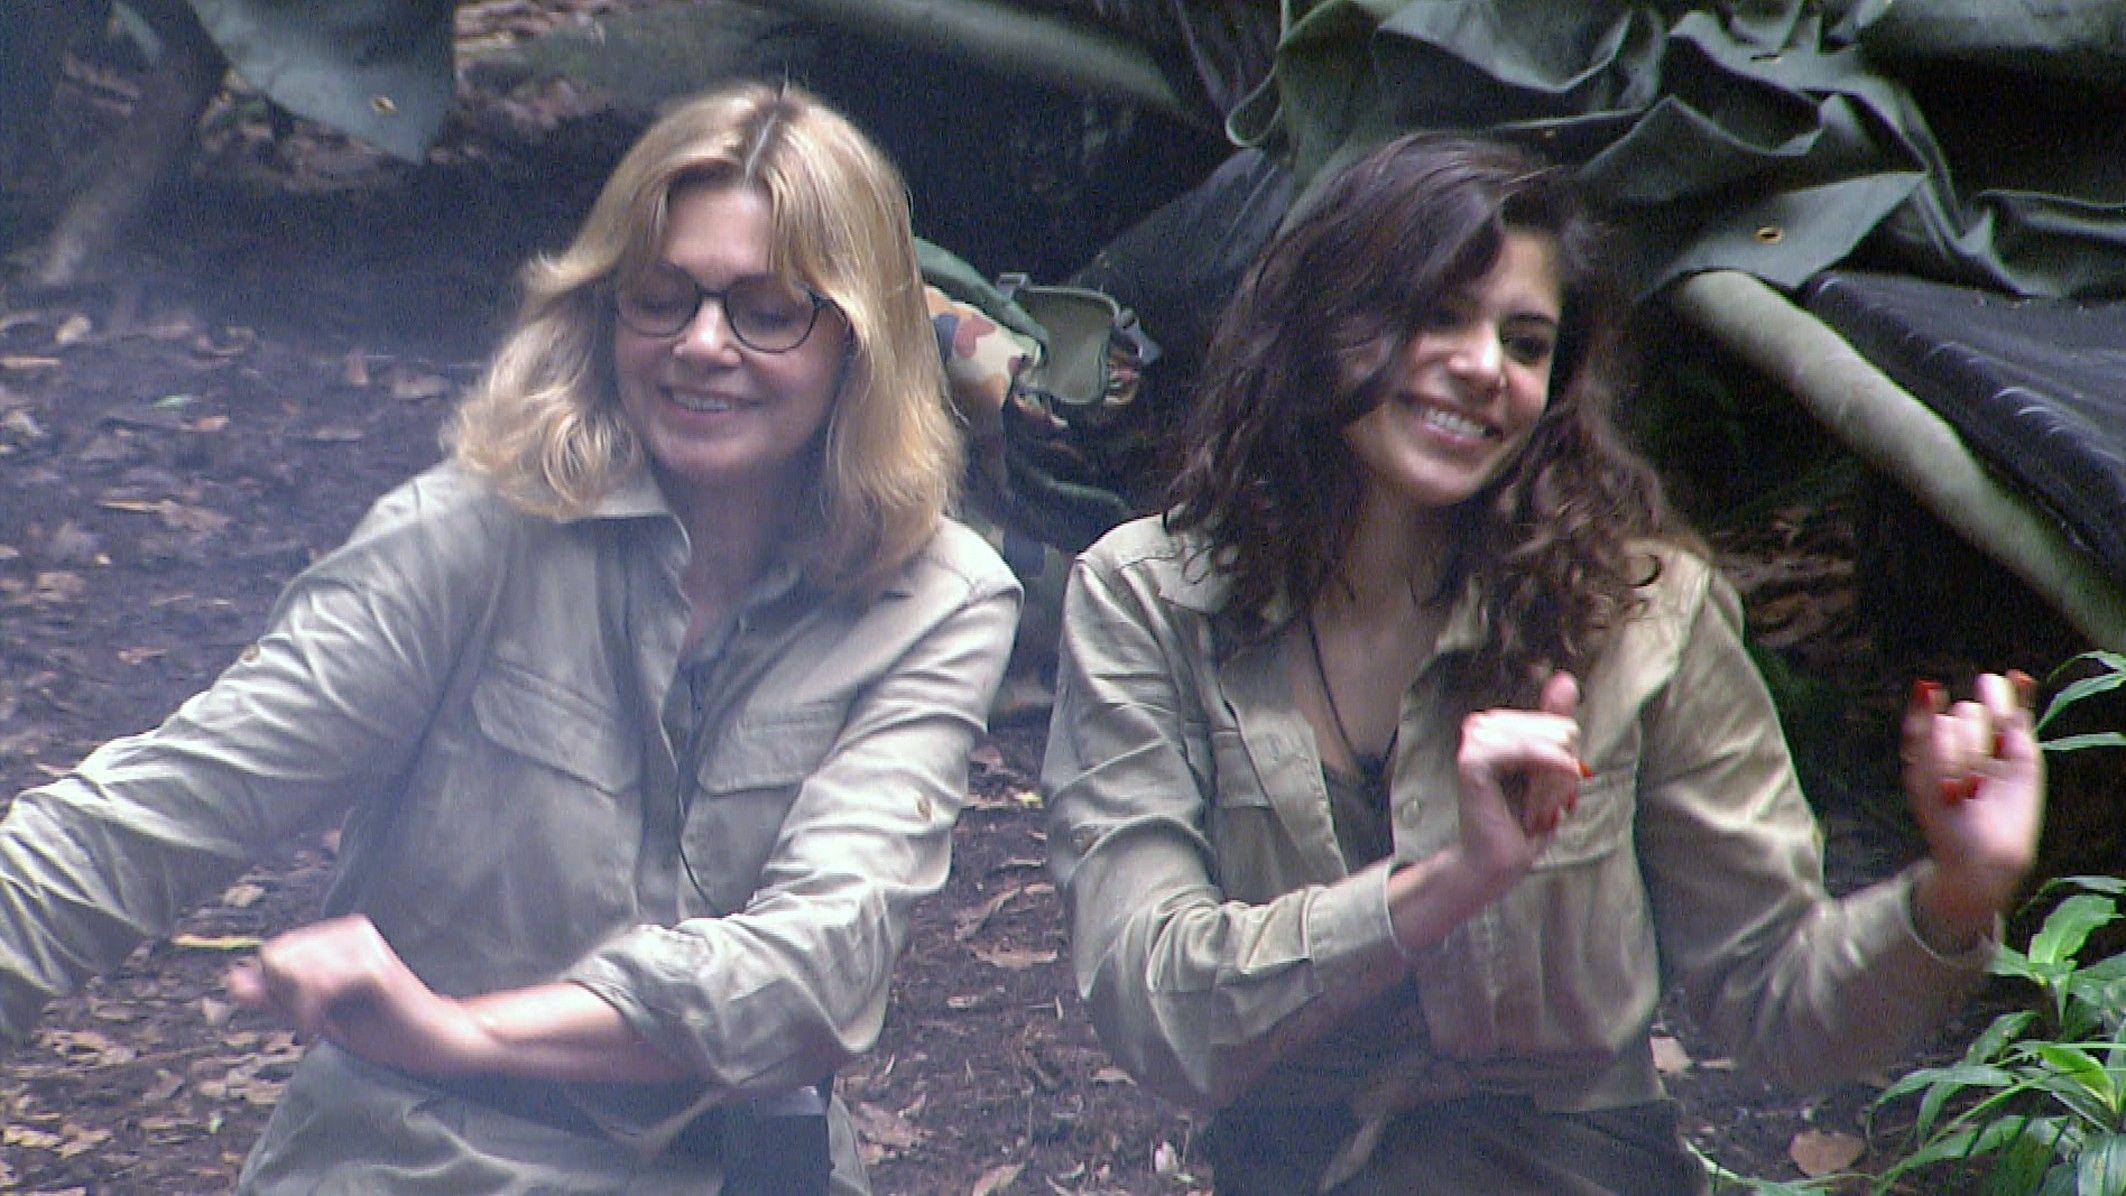 Dschungelcamp 2015 Tagebuch Tag 14 - Maren und Tanja